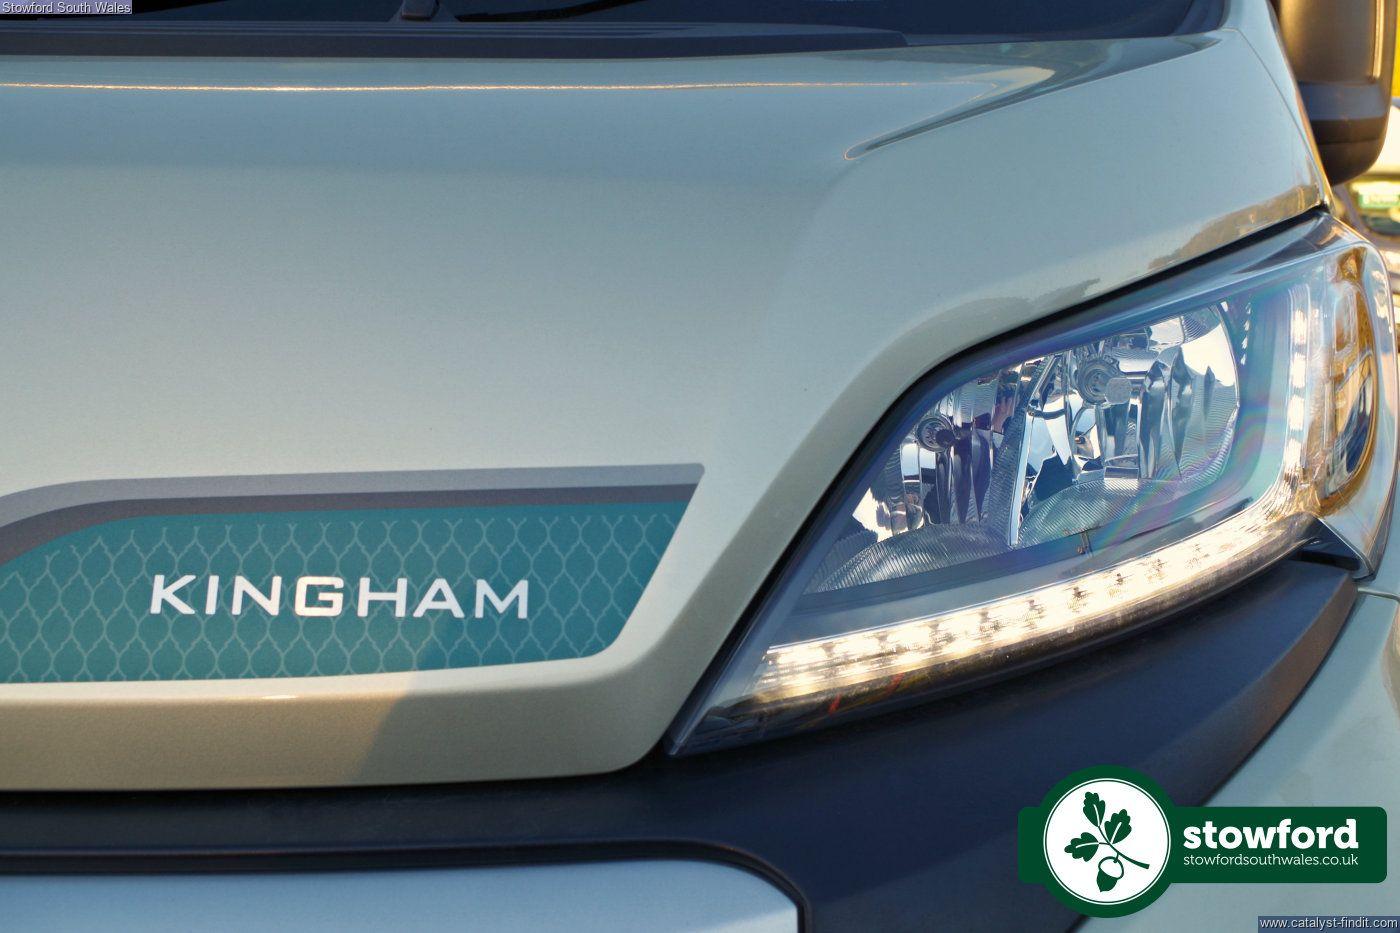 Auto-Sleepers Auto-Sleeper Kingham 2019